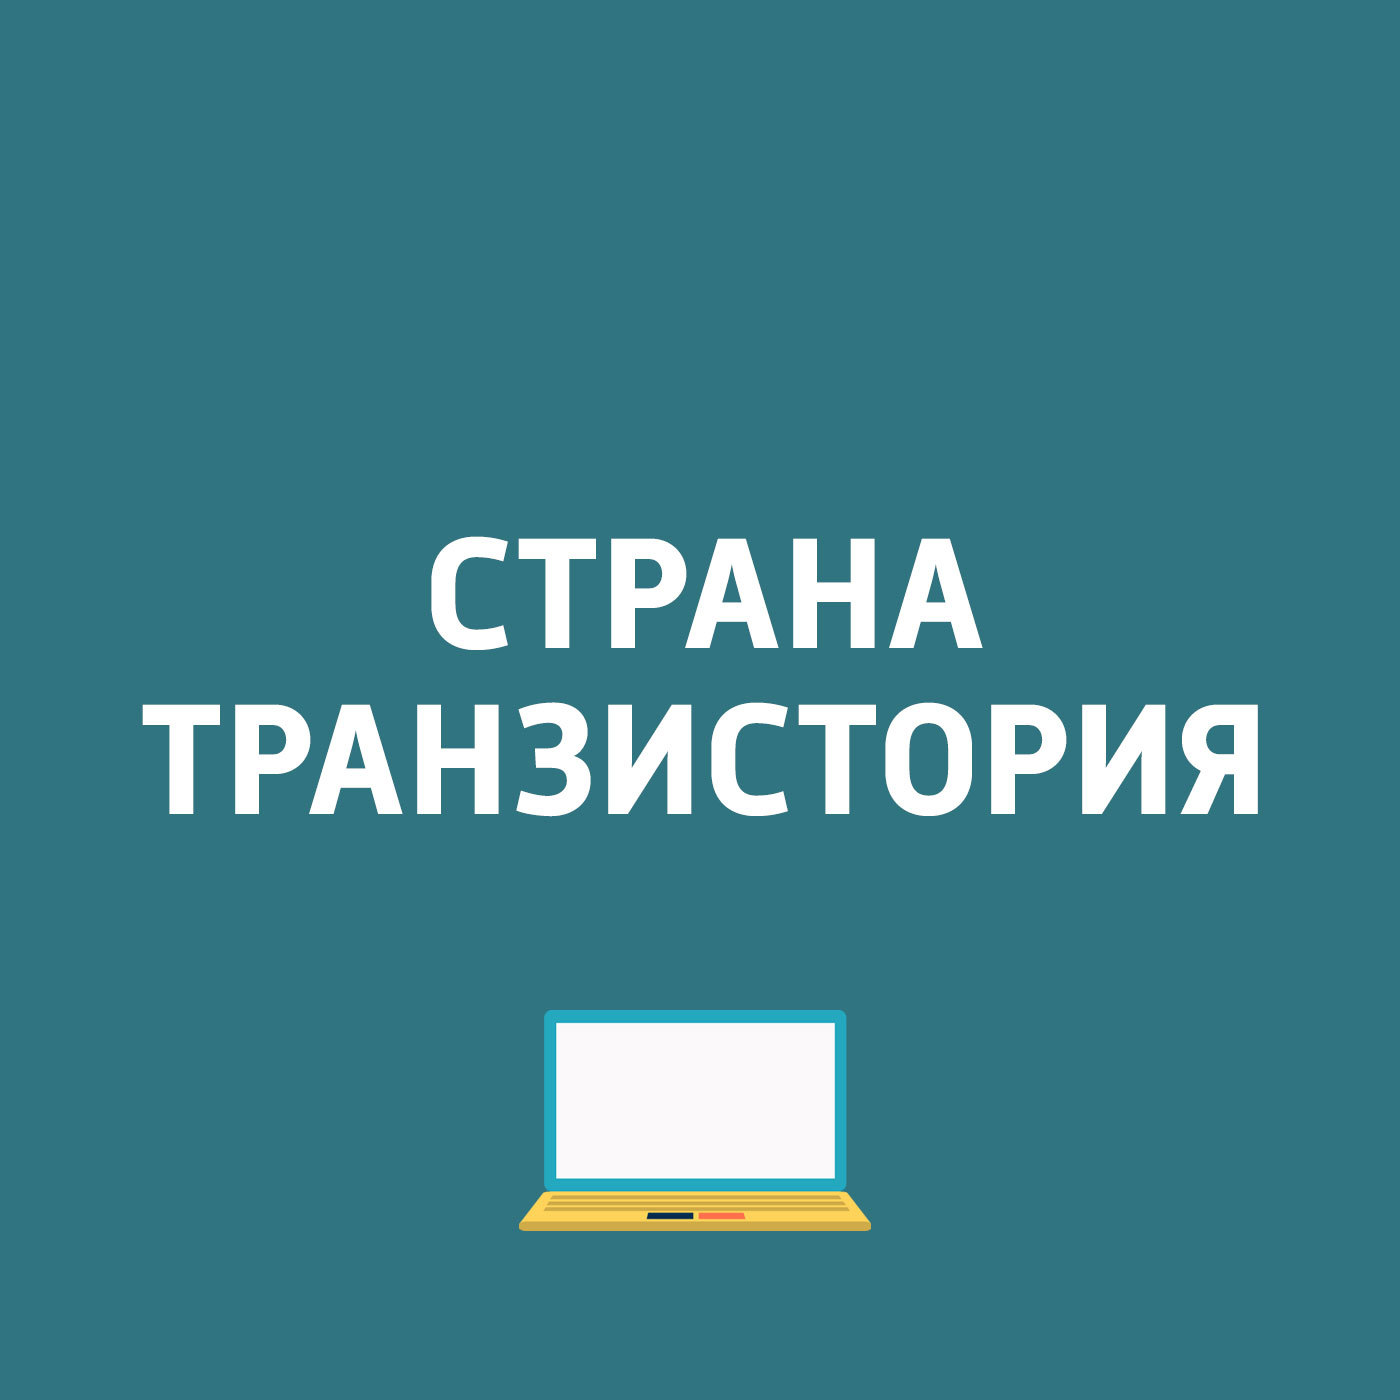 Картаев Павел Блокировка pleer, приложение с лицами картаев павел гулабджамун